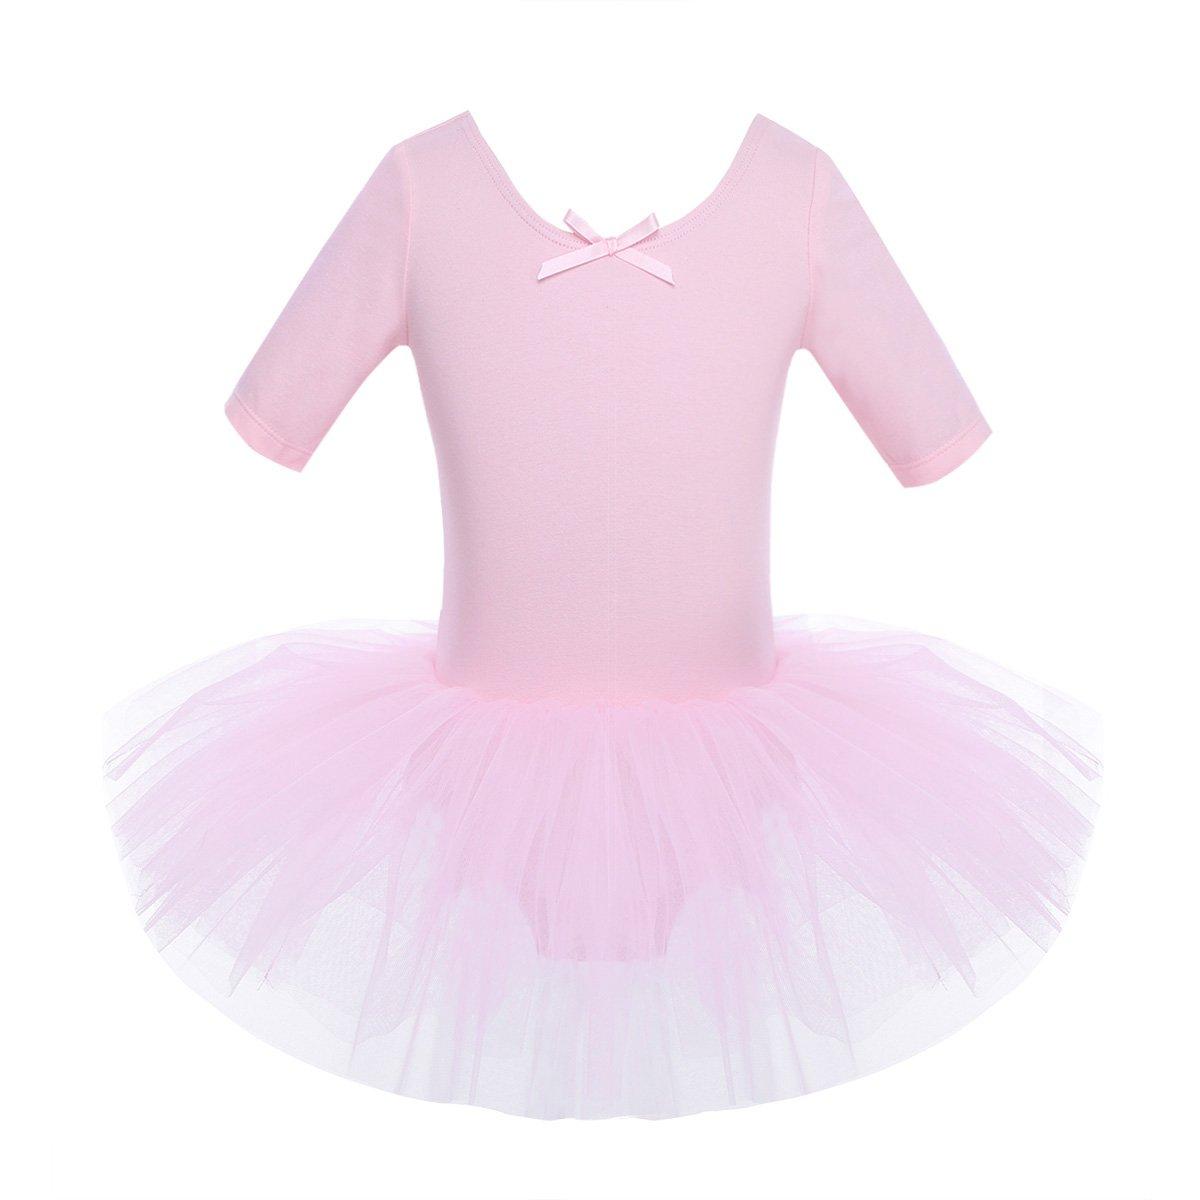 iEFiEL Kids Girl's Short Sleeved Gymnastics Ballet Dance Leotard Dress Cross Back Tutu Skirt